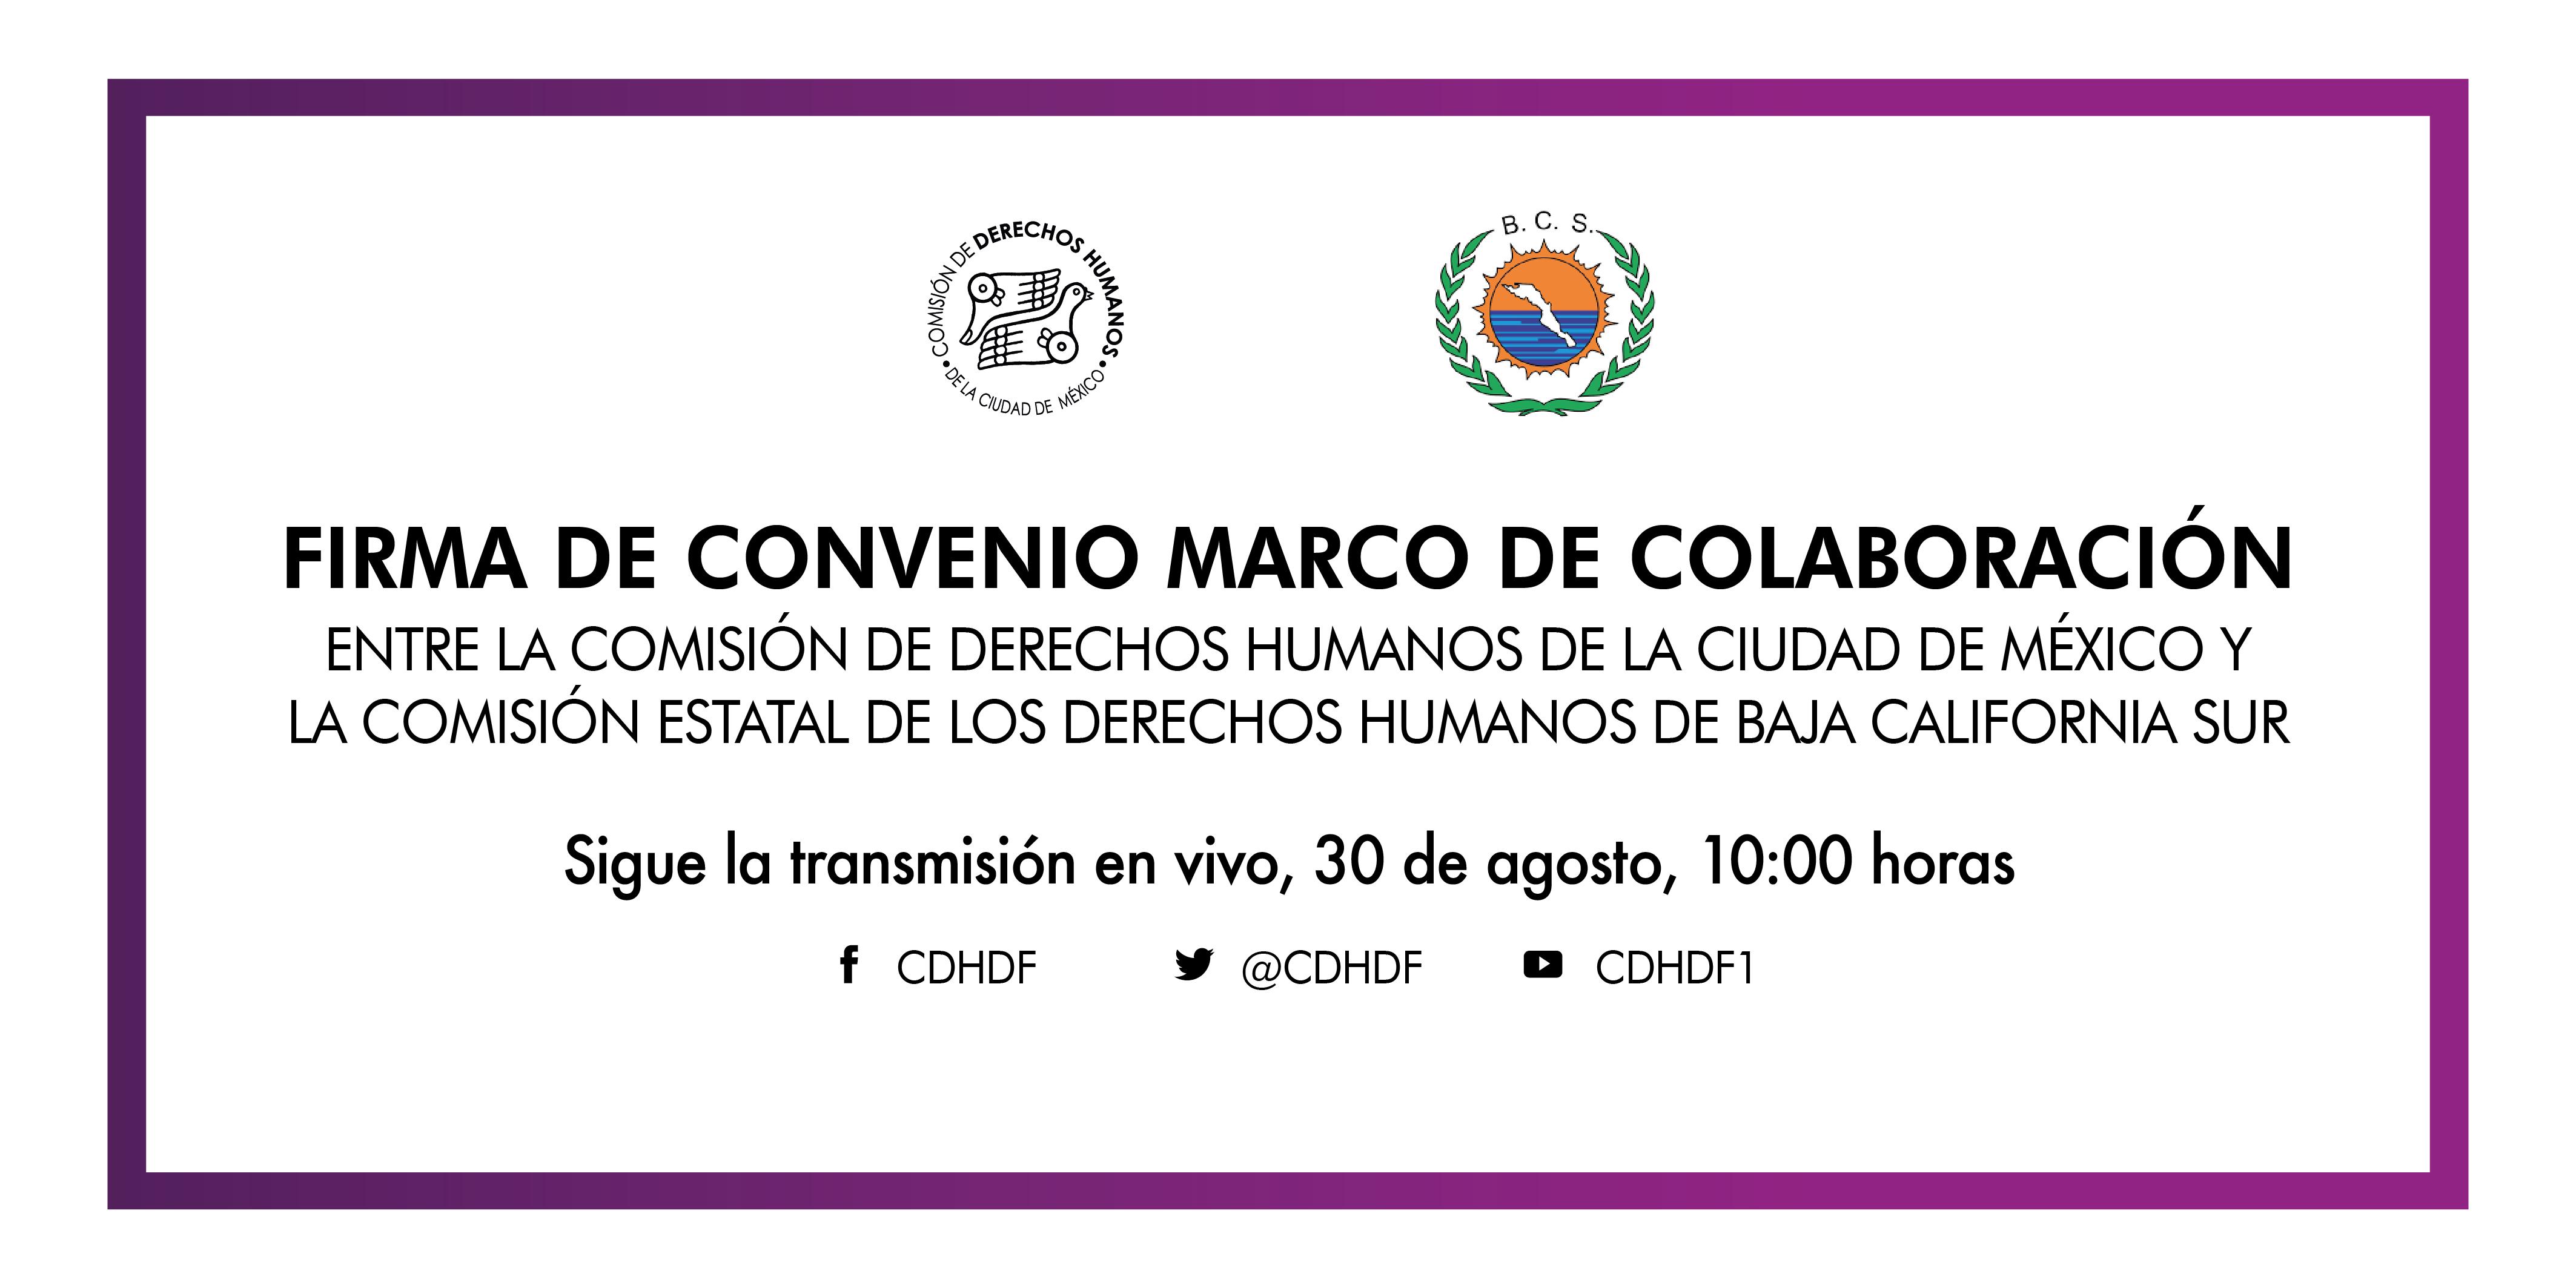 Firma de Convenio Marco de Colaboración con la Comisión Estatal de los Derechos Humanos de Baja California Sur (CEDHBCS)